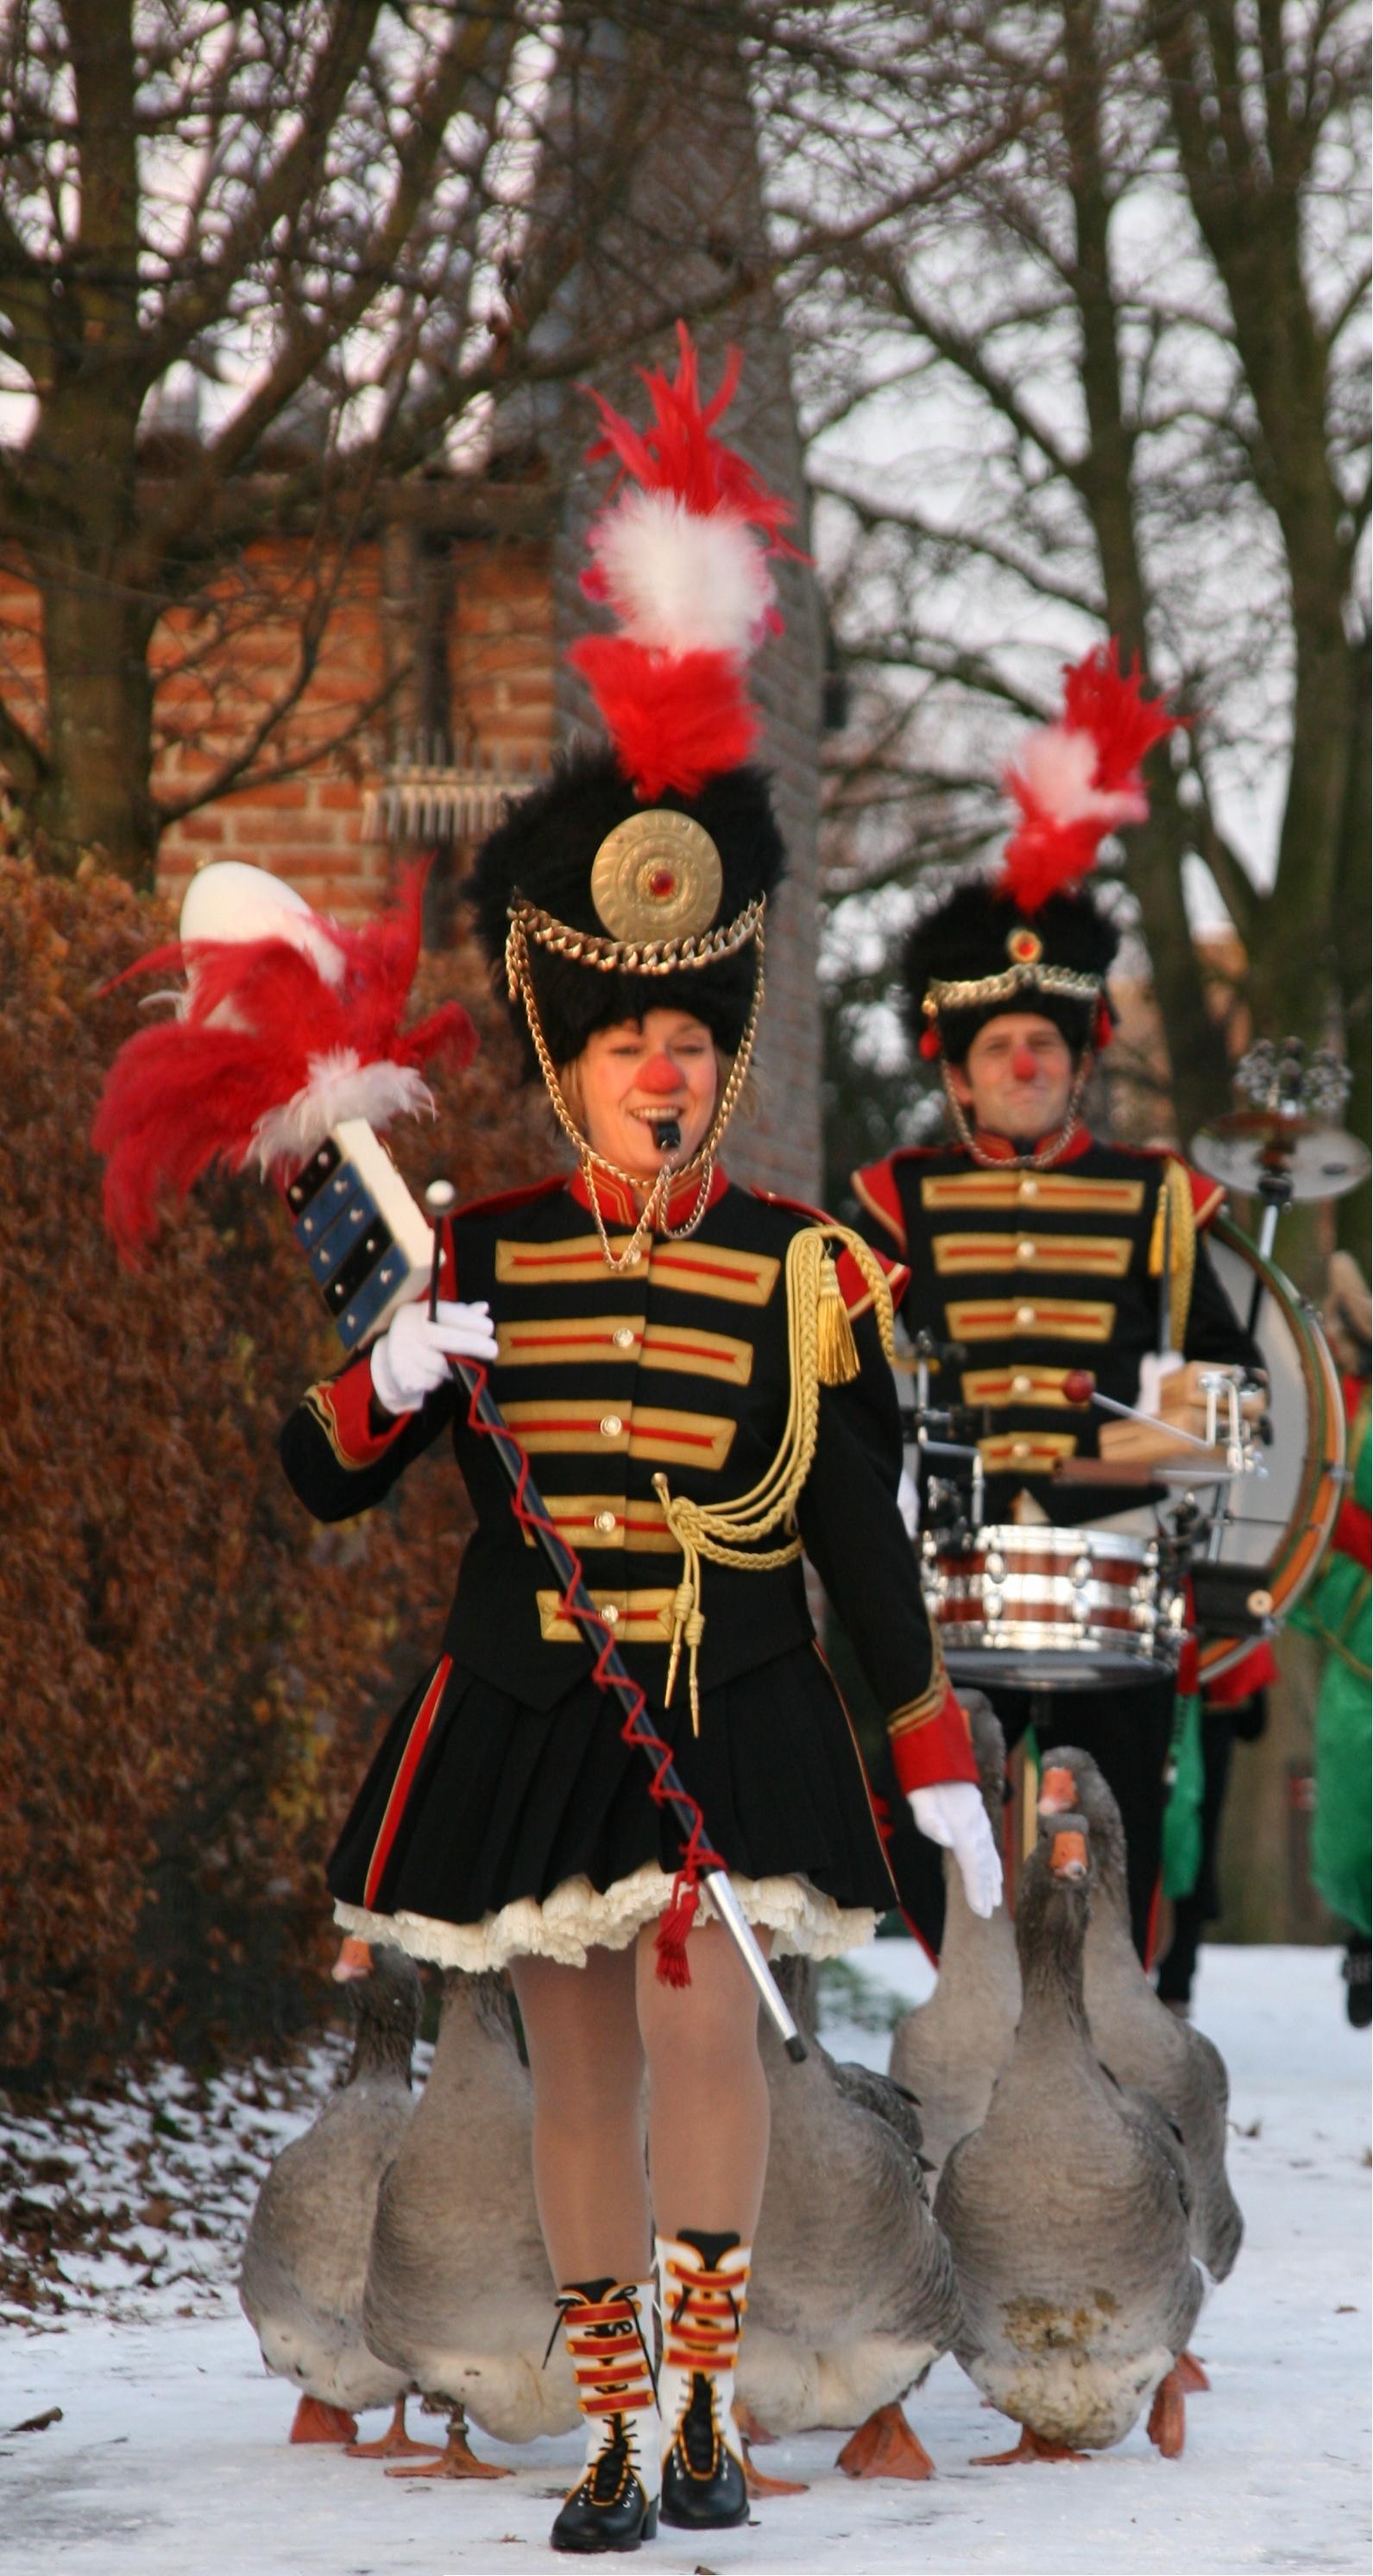 Ganzen parade